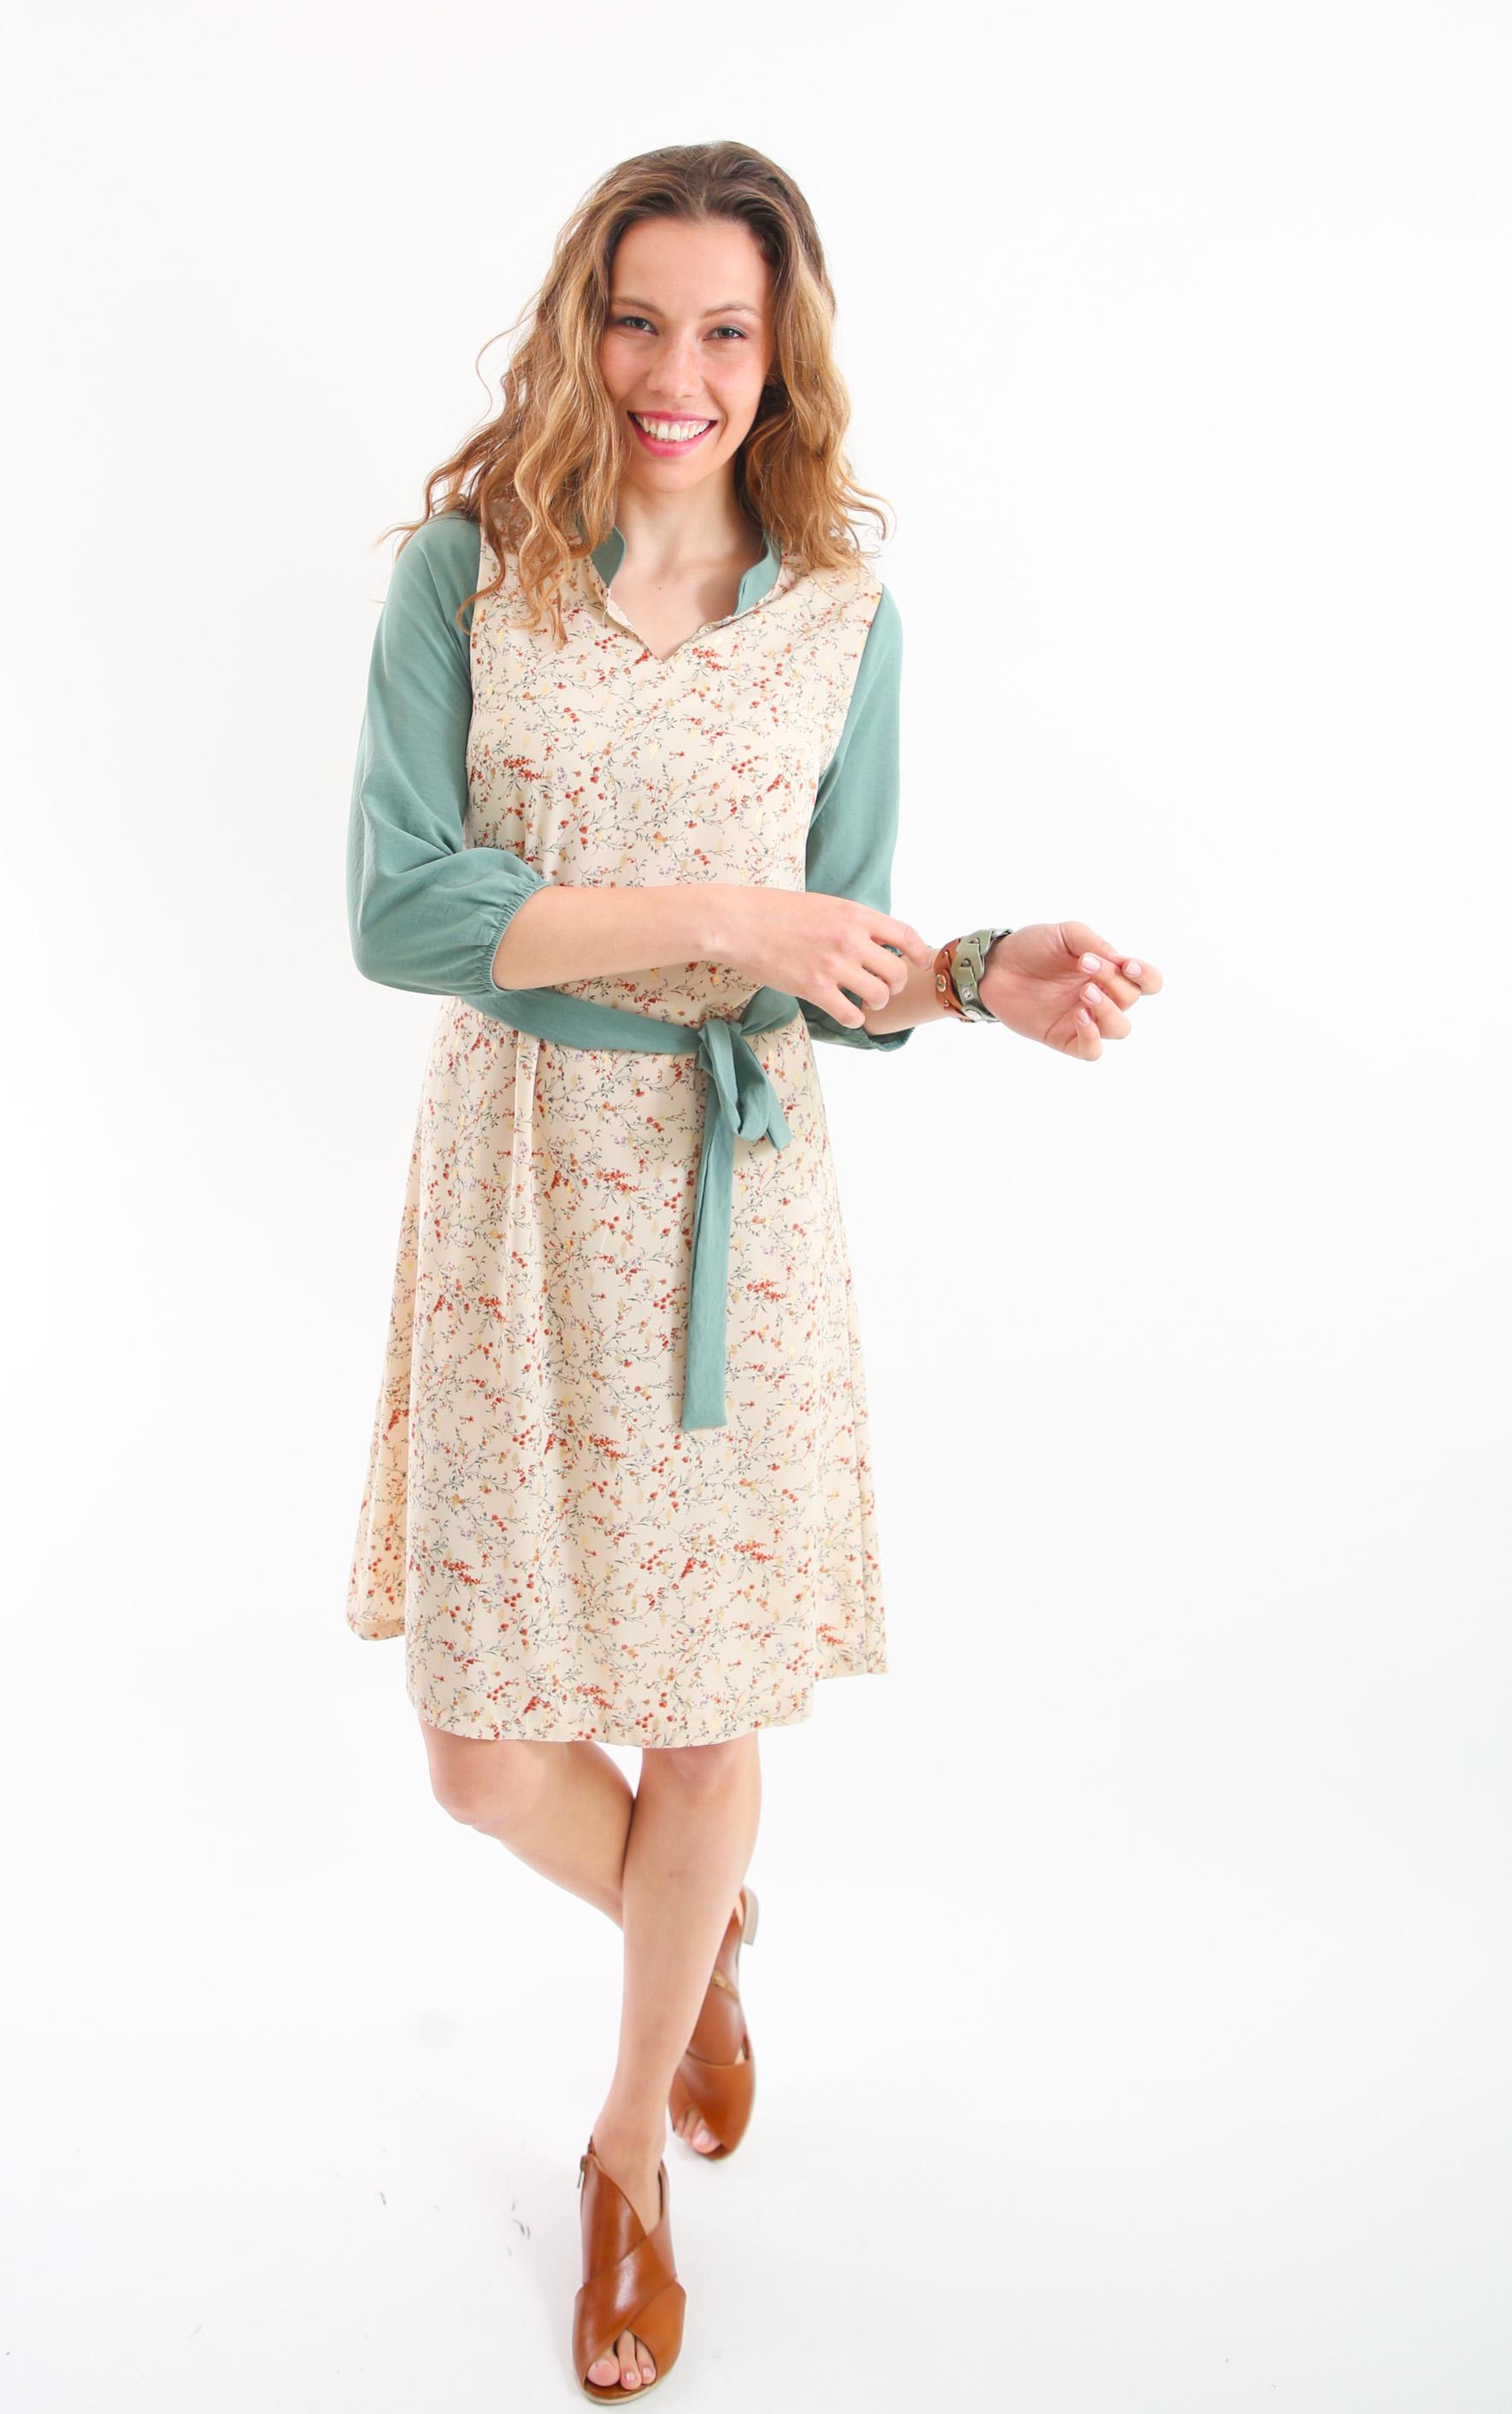 שמלת עירית פרחונית עם שרוול תכלת.